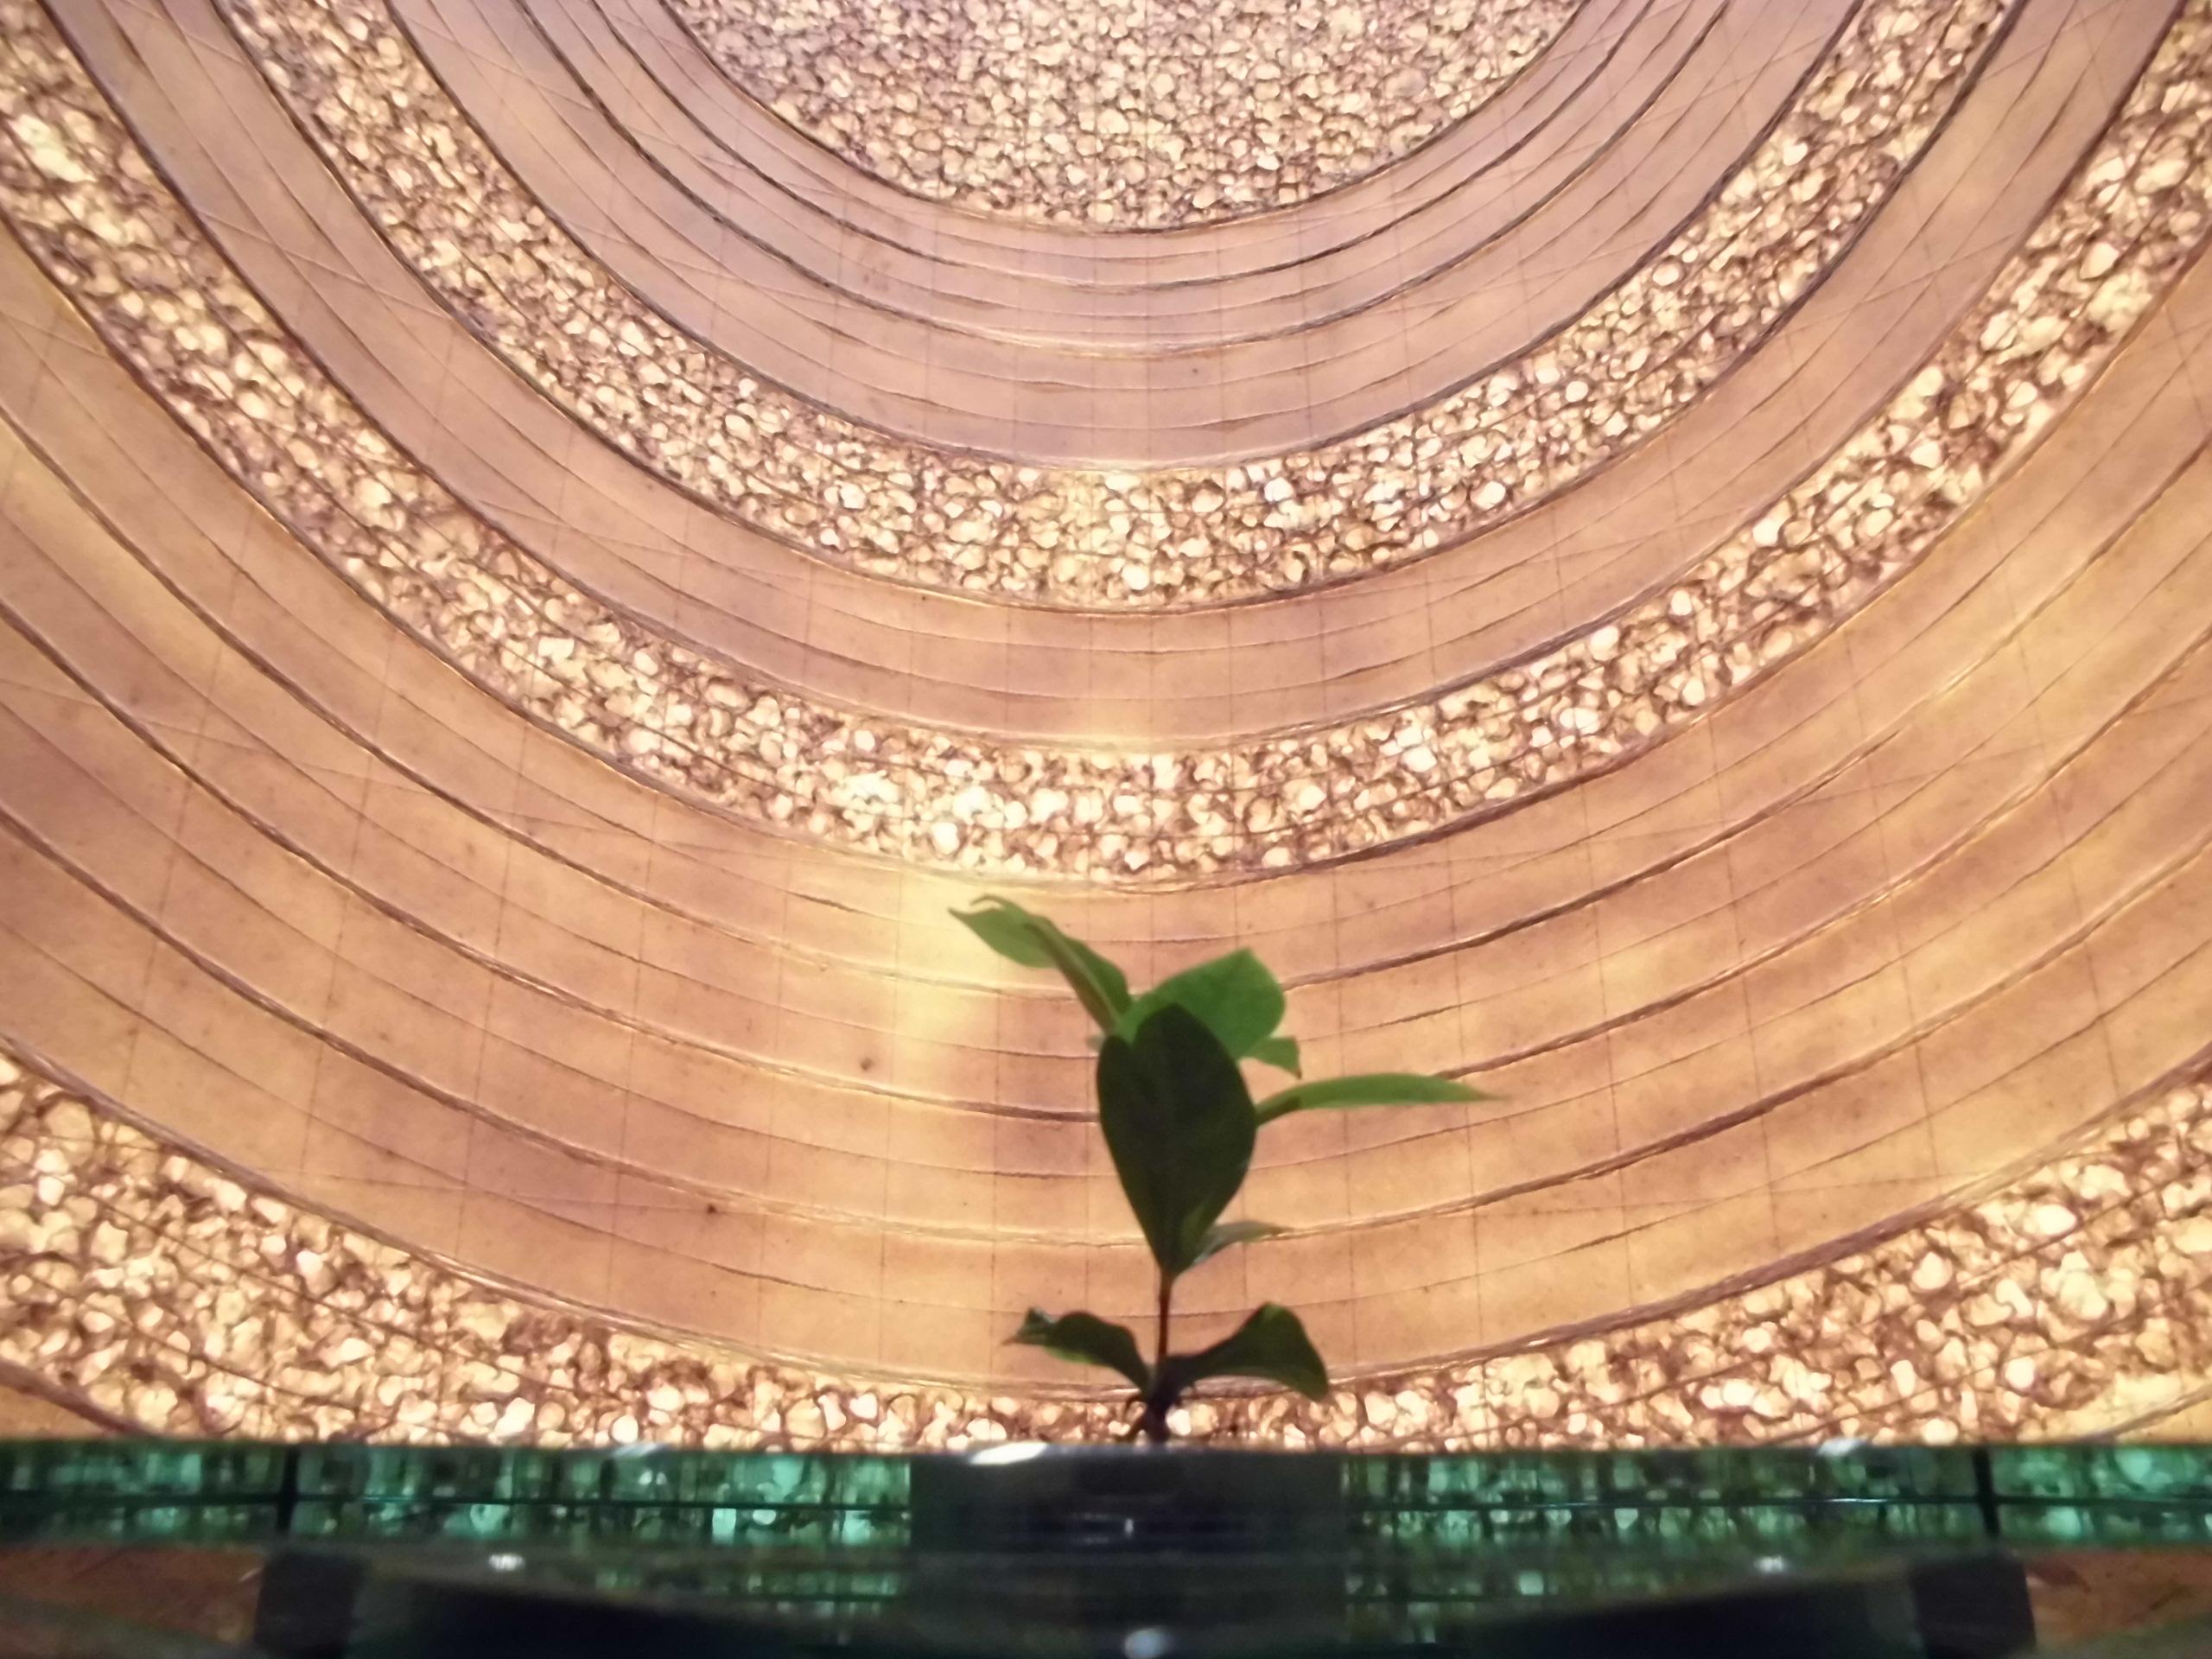 コーヒー豆のオリジナル焙煎体験!!職人の技を体感してみよう【UCCコーヒー博物館に行ってきました。by-VEGETAPSY】